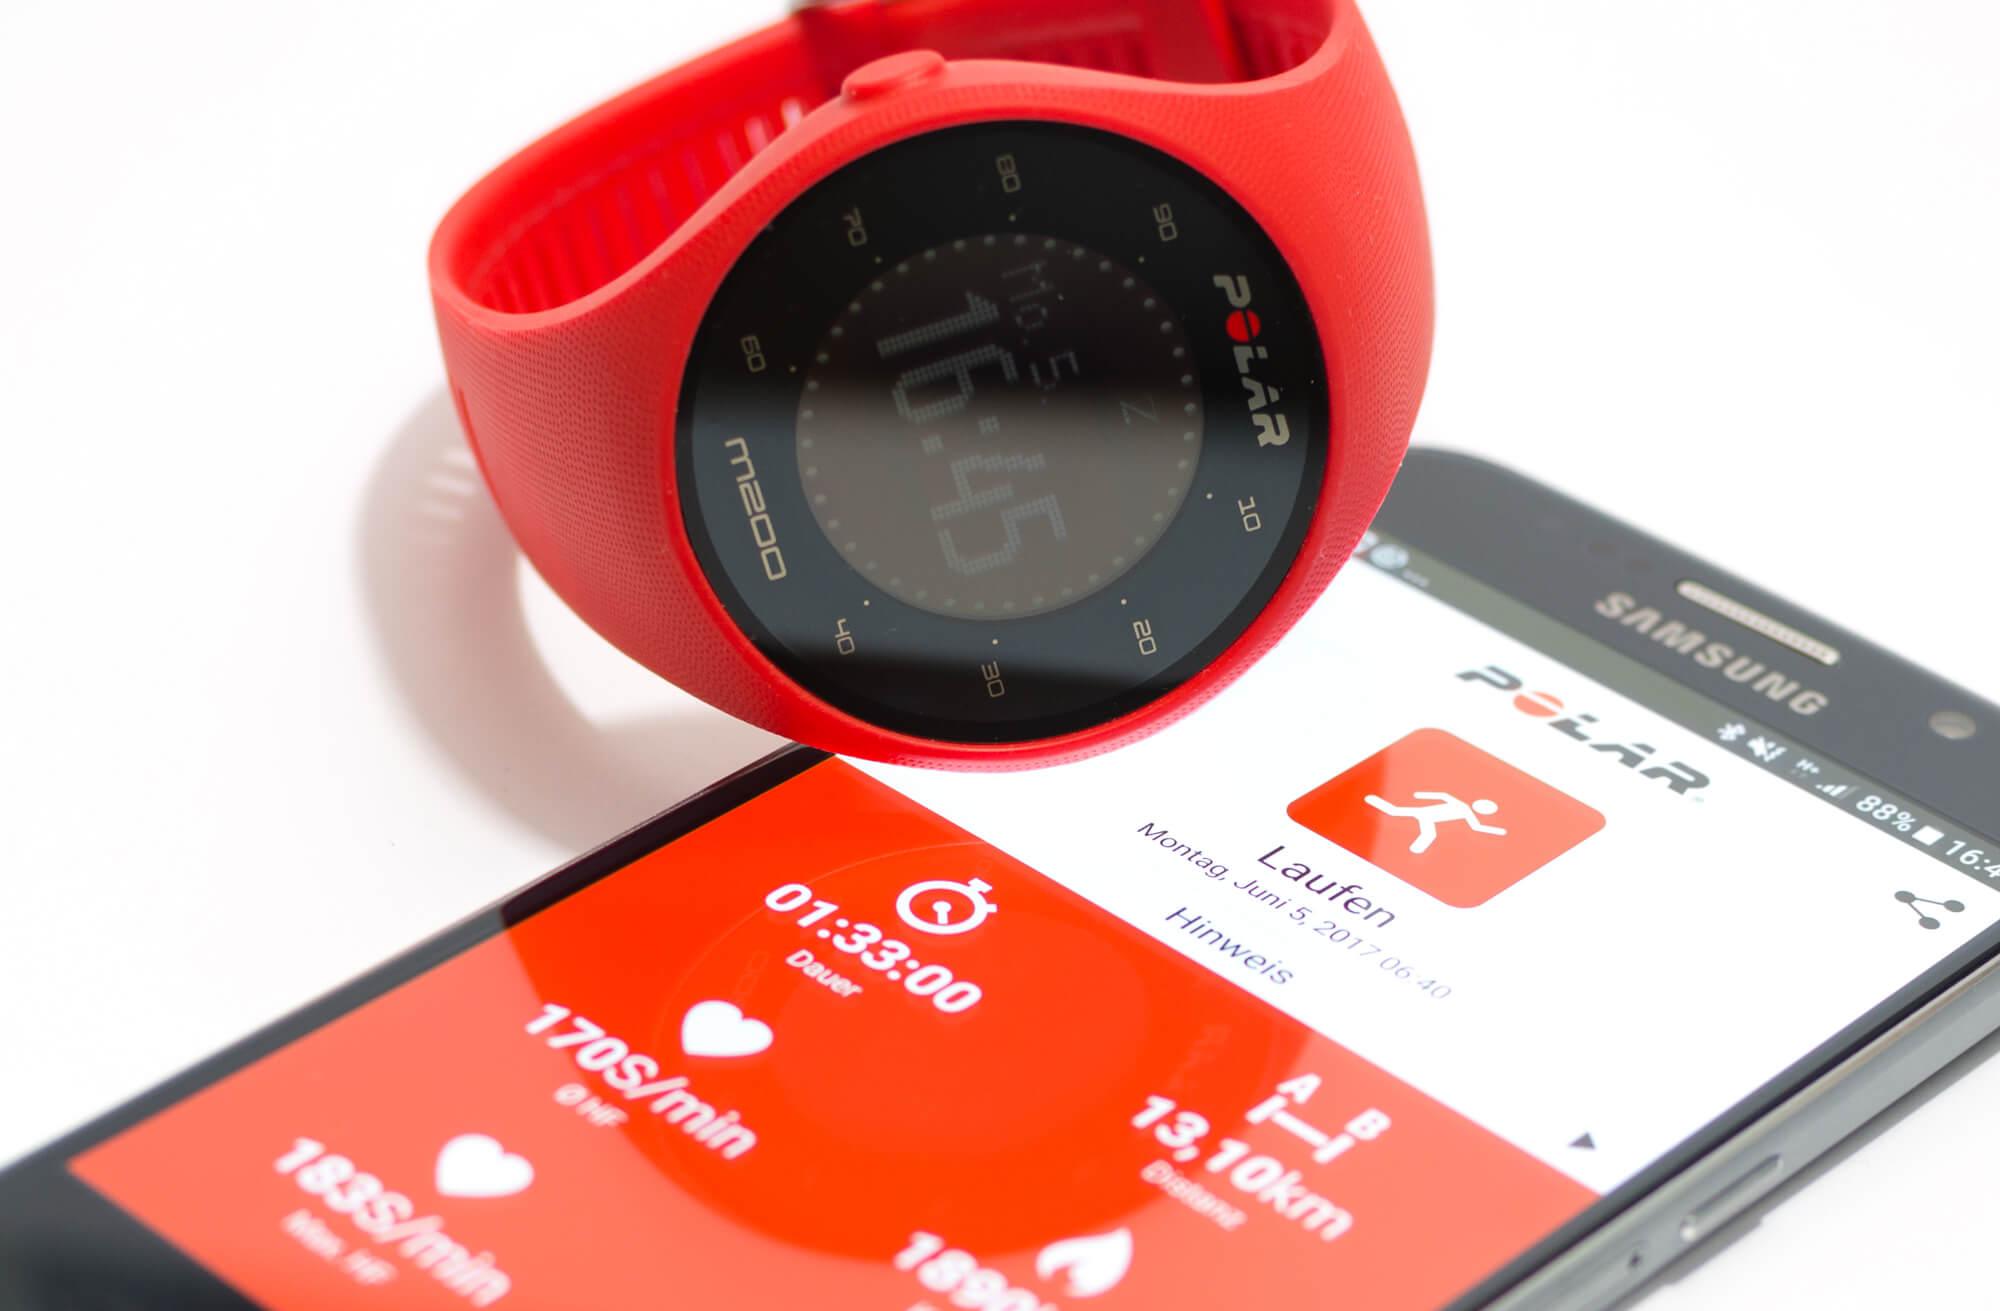 Sportuhr Intervall : Polar m test mehr gps sportuhr für einsteiger denn smartwatch